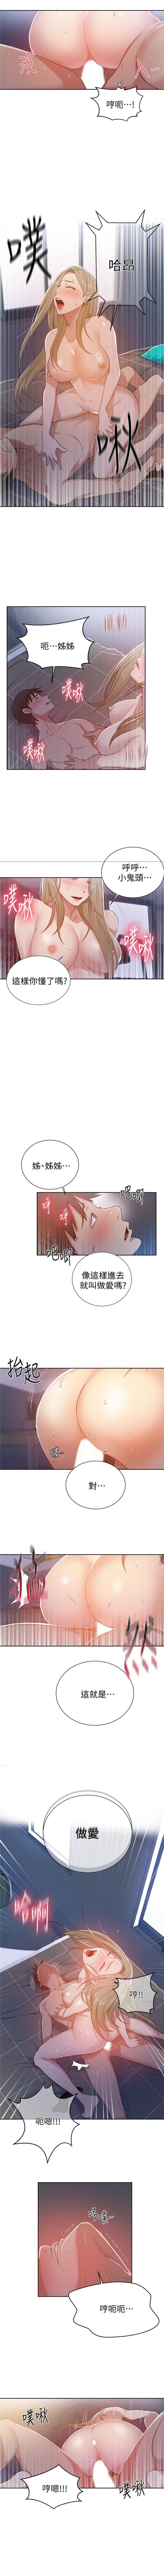 秘密教學  1-69 官方中文(連載中) 84